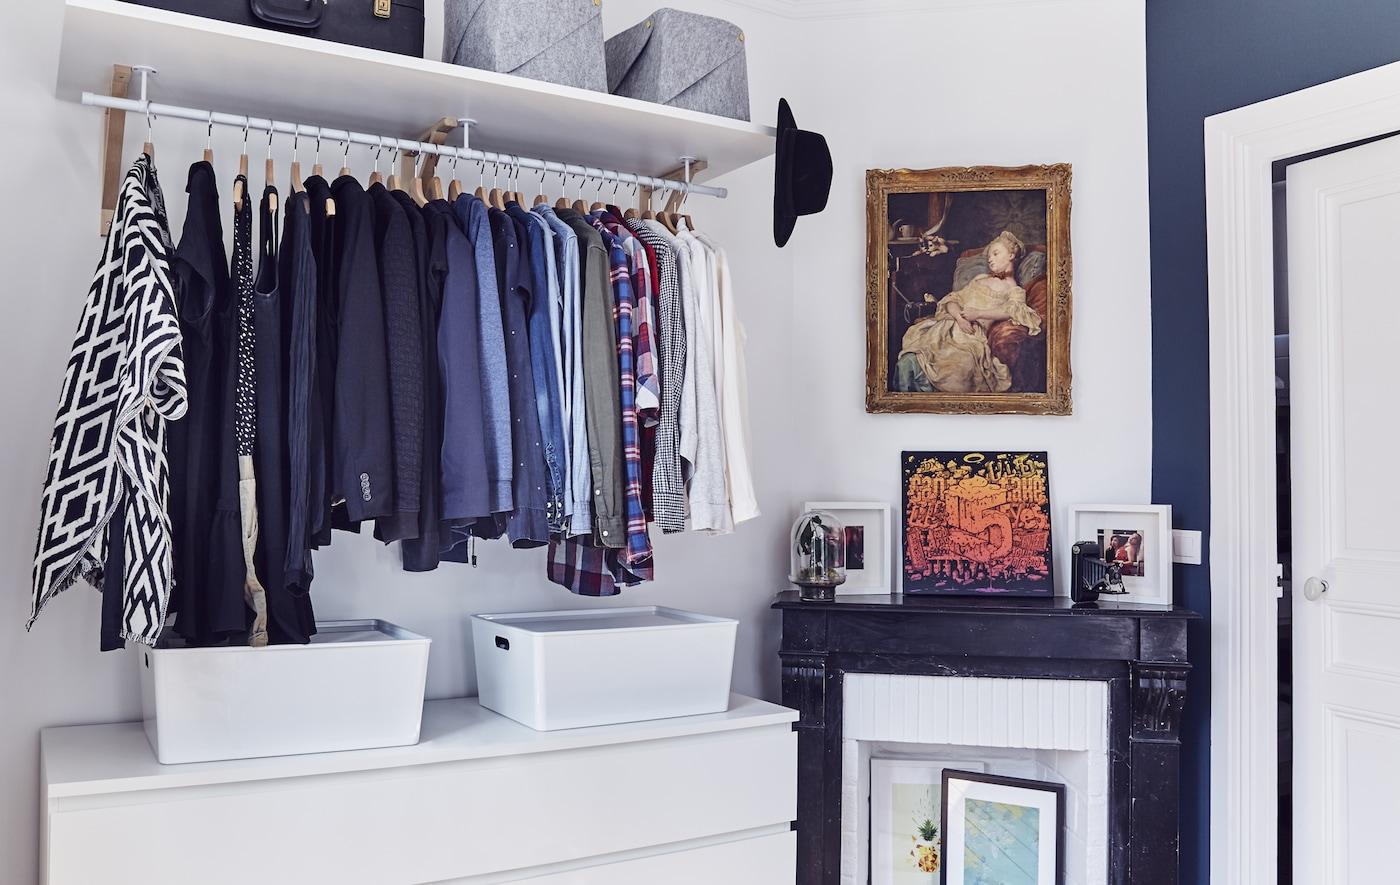 Idées rangement et organisation de l'armoire-penderie